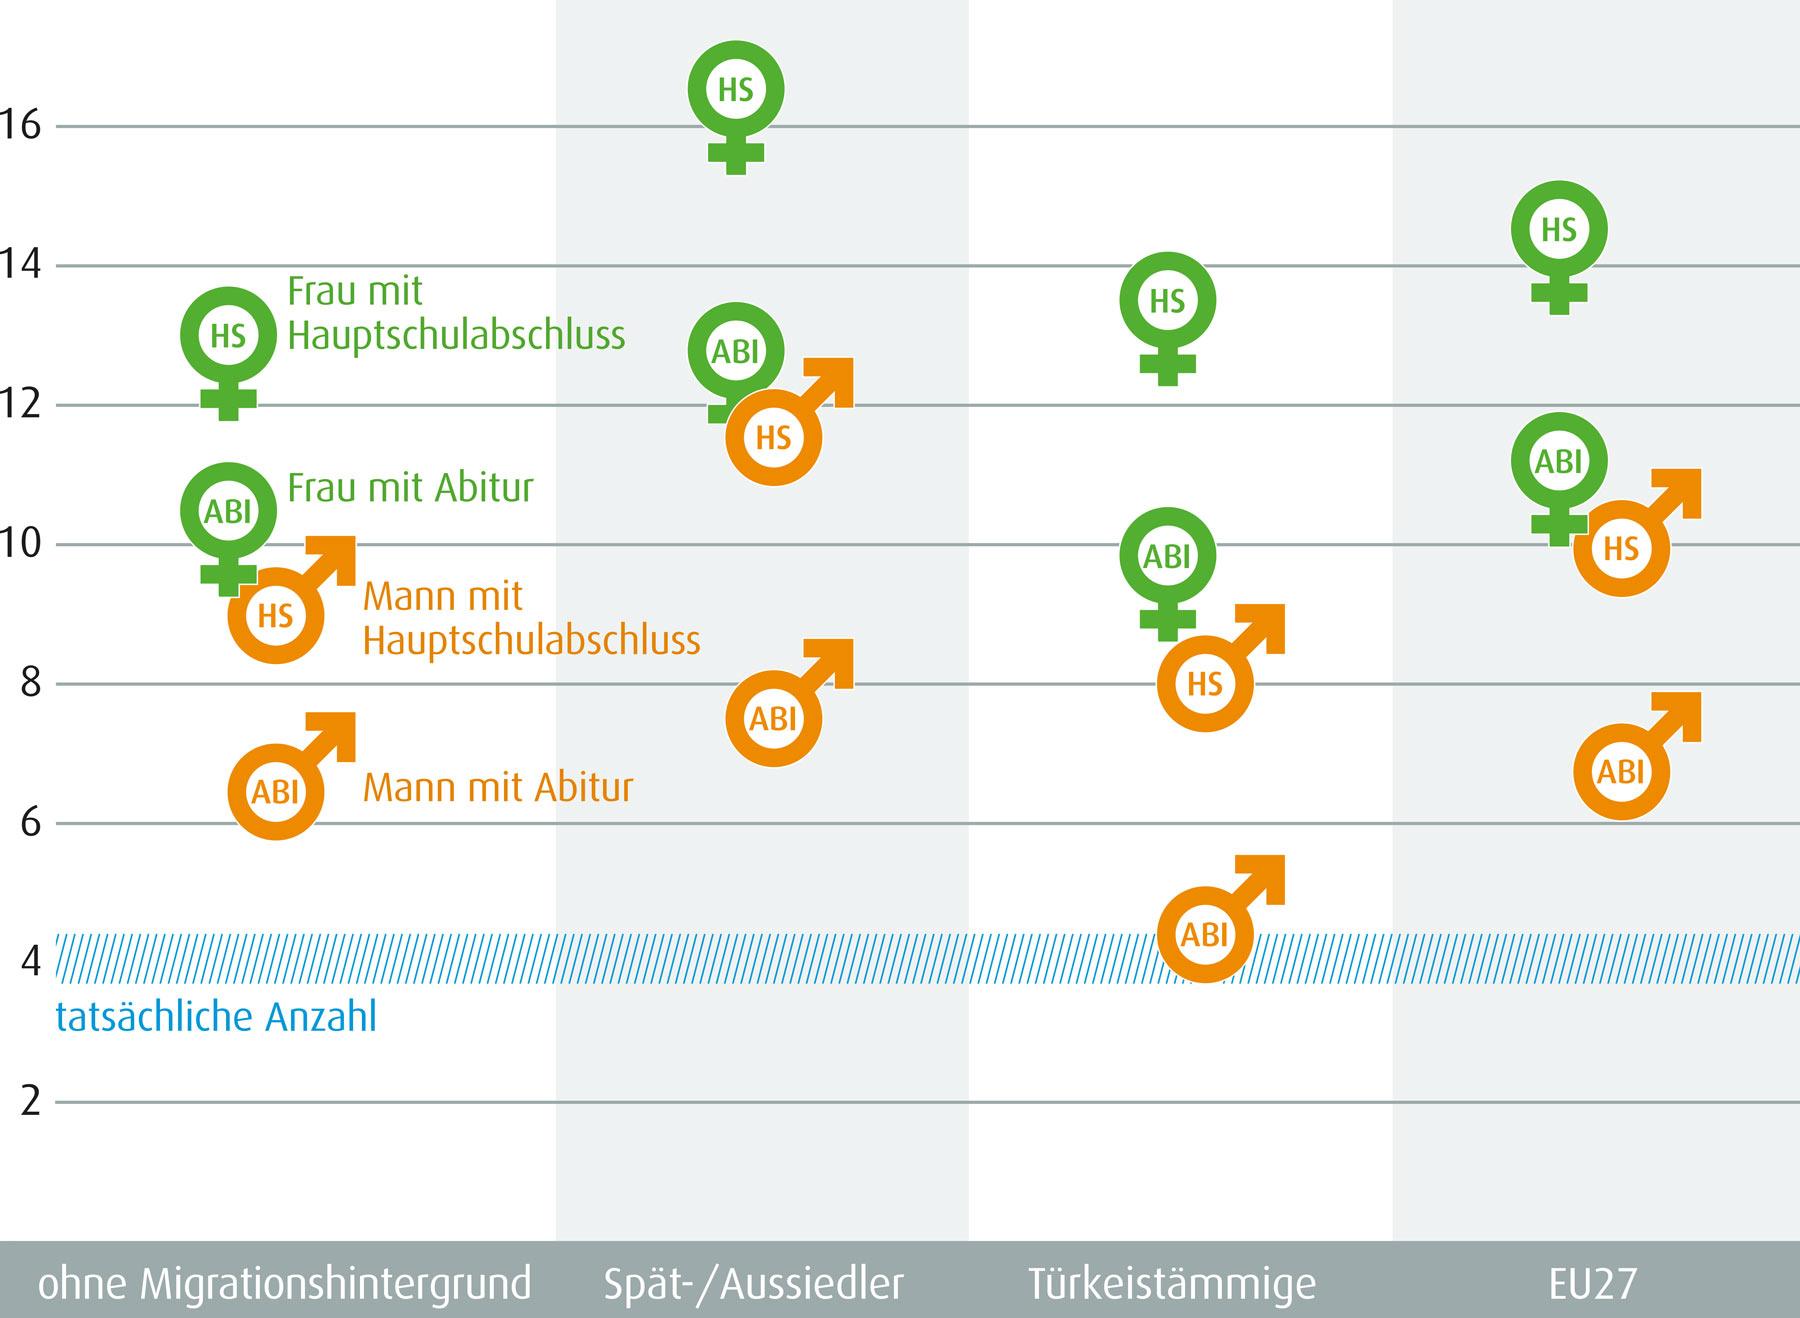 SVR: Schätzwerte eines durchschnittlichen Befragten zur Anzahl der Muslime